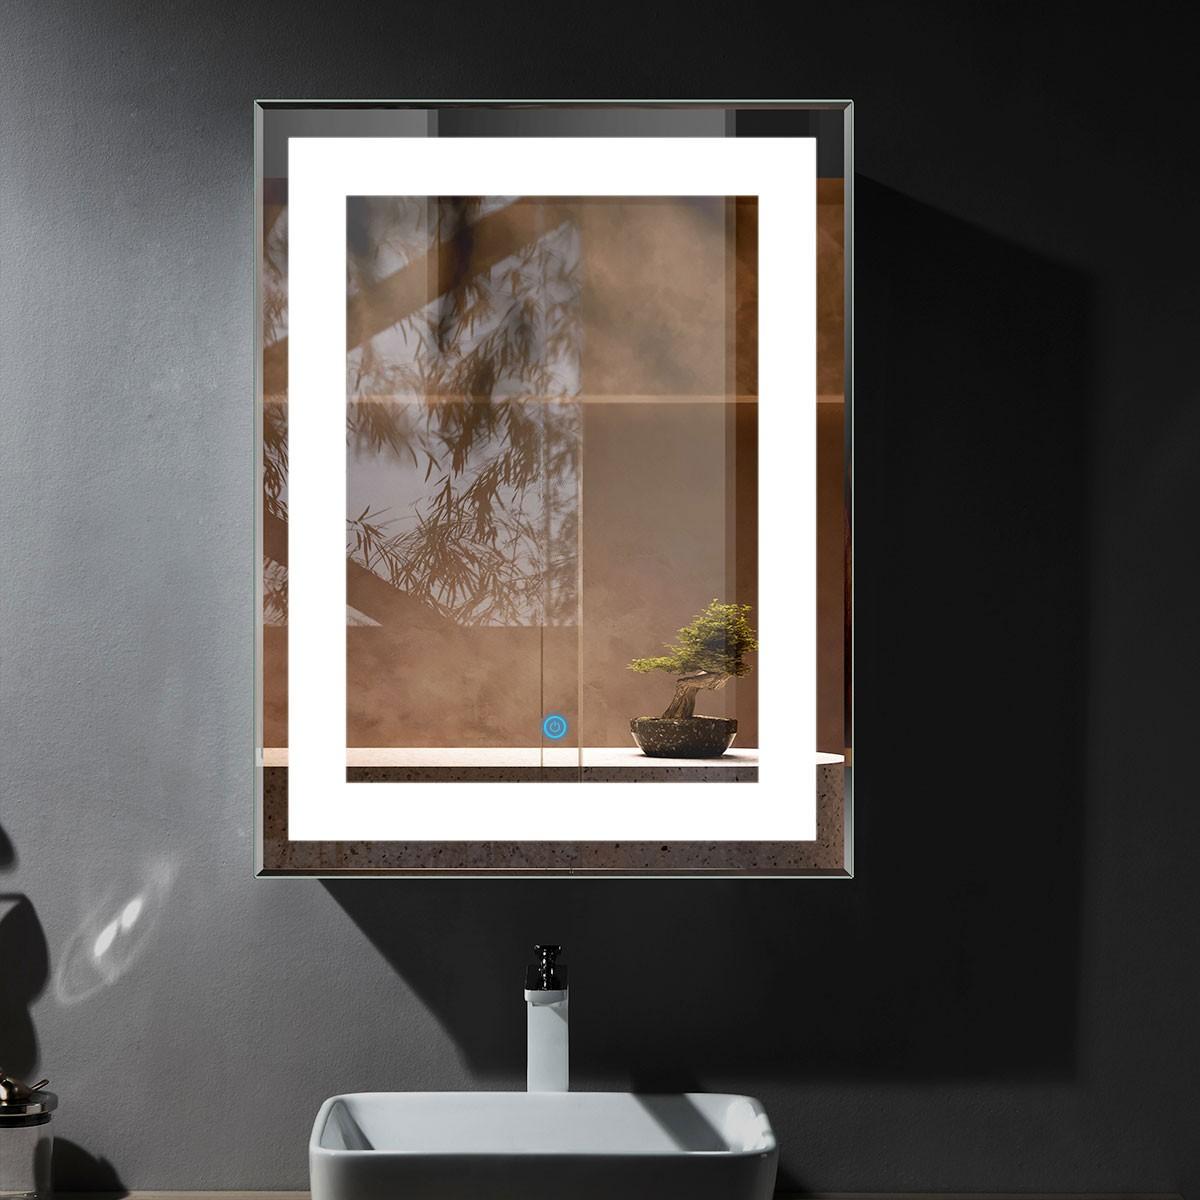 28 x 36 po Miroir Vertical LED Salle de Bains avec Interrupteur Tactile (DK-OD-CK168-I)